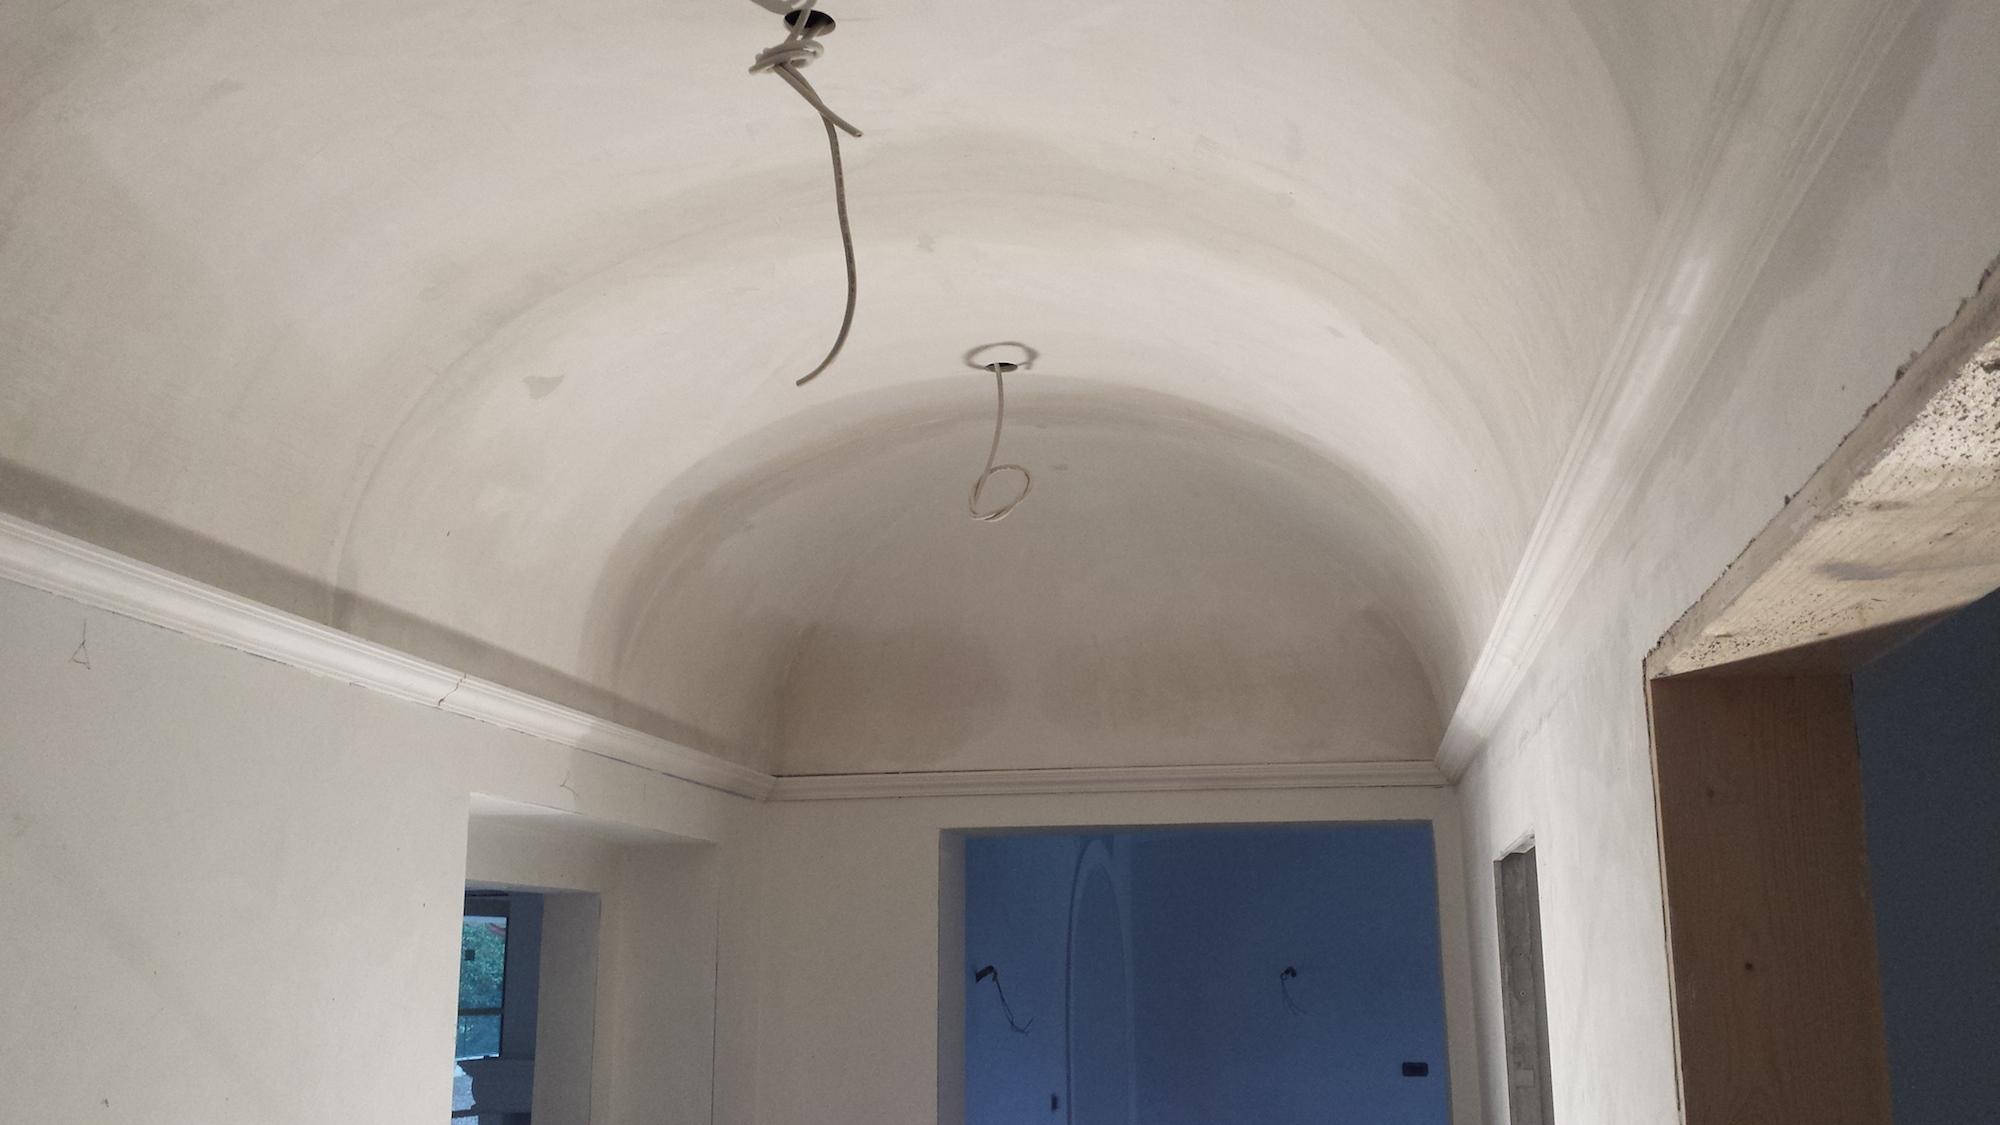 Soffitti A Volta Decorazioni : Come arredare una casa con il soffitto a volta dettagli home decor